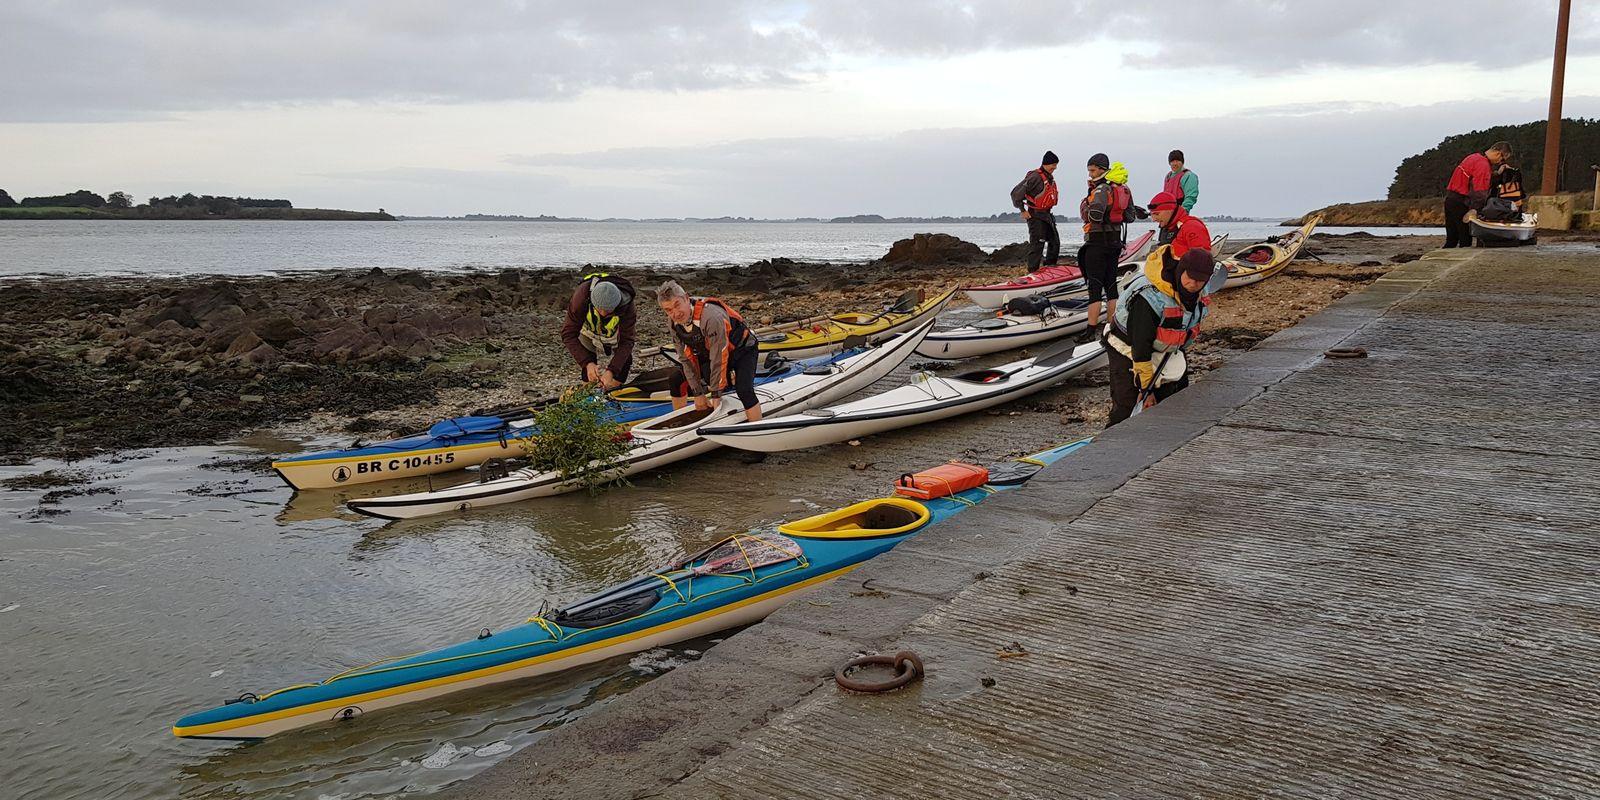 rando kayak hivernale à Er Lannic, le 11 janvier 2020